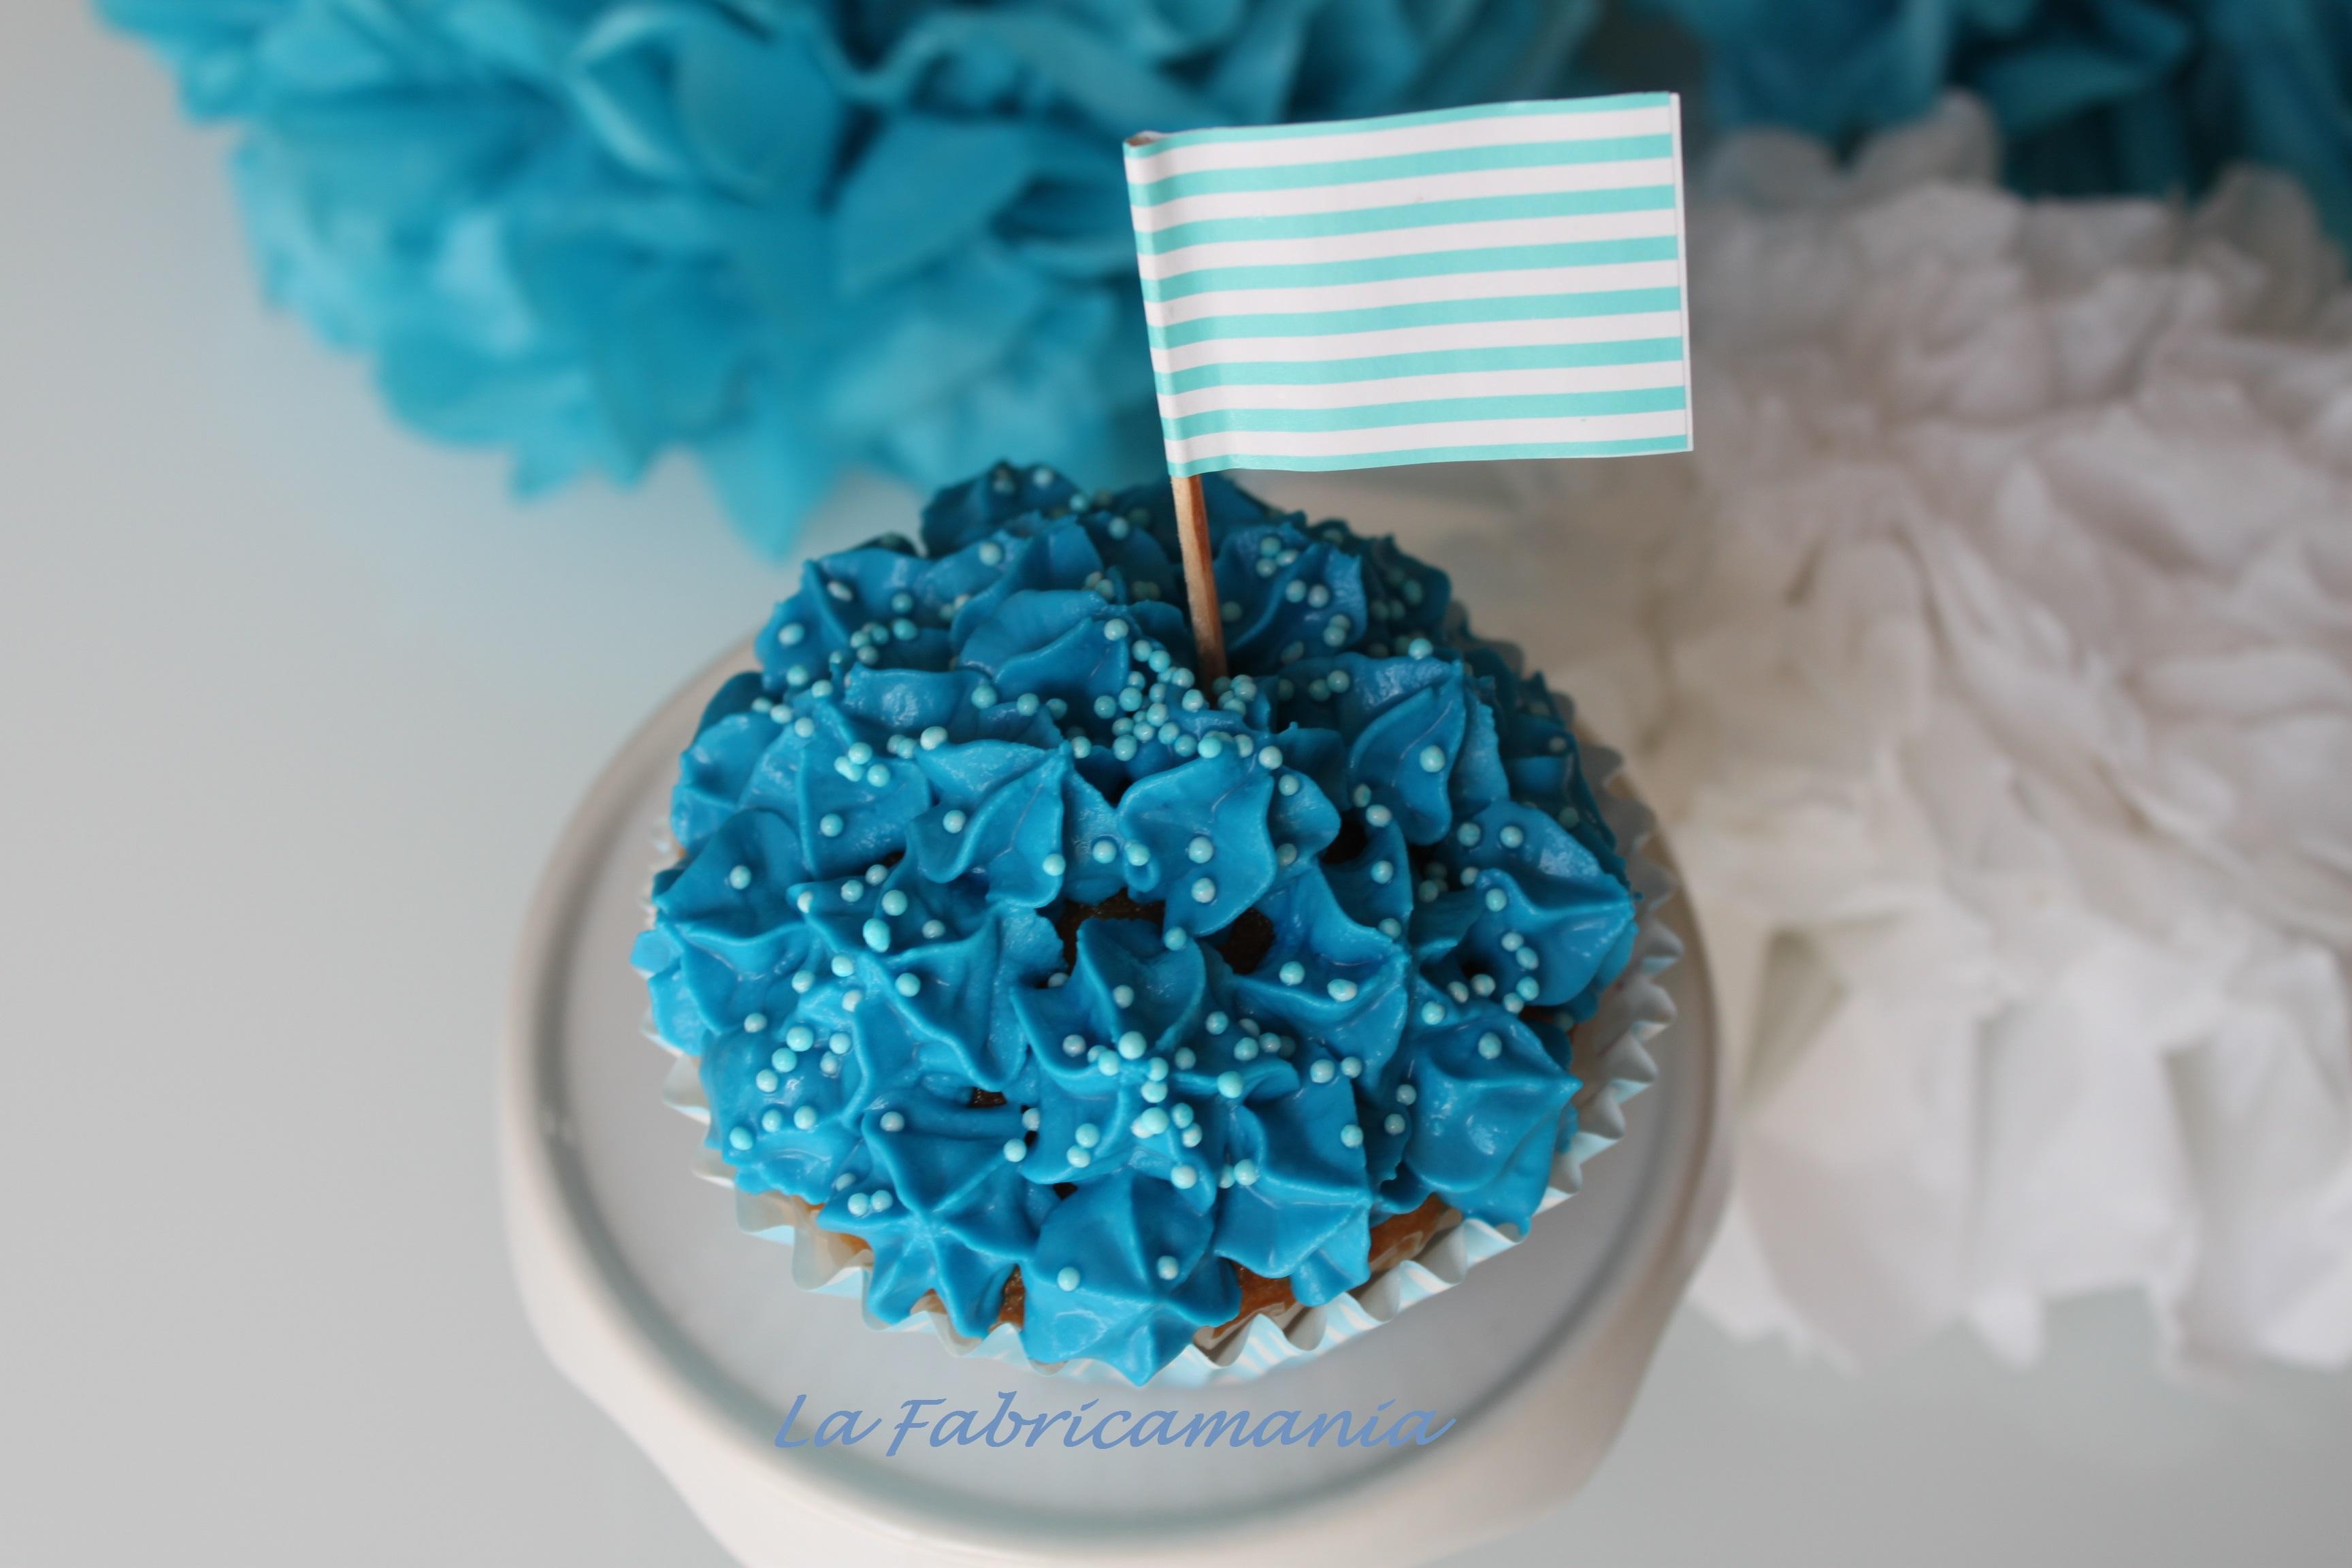 Cours de cuisine cupcake design la fabricamania for Cours de design